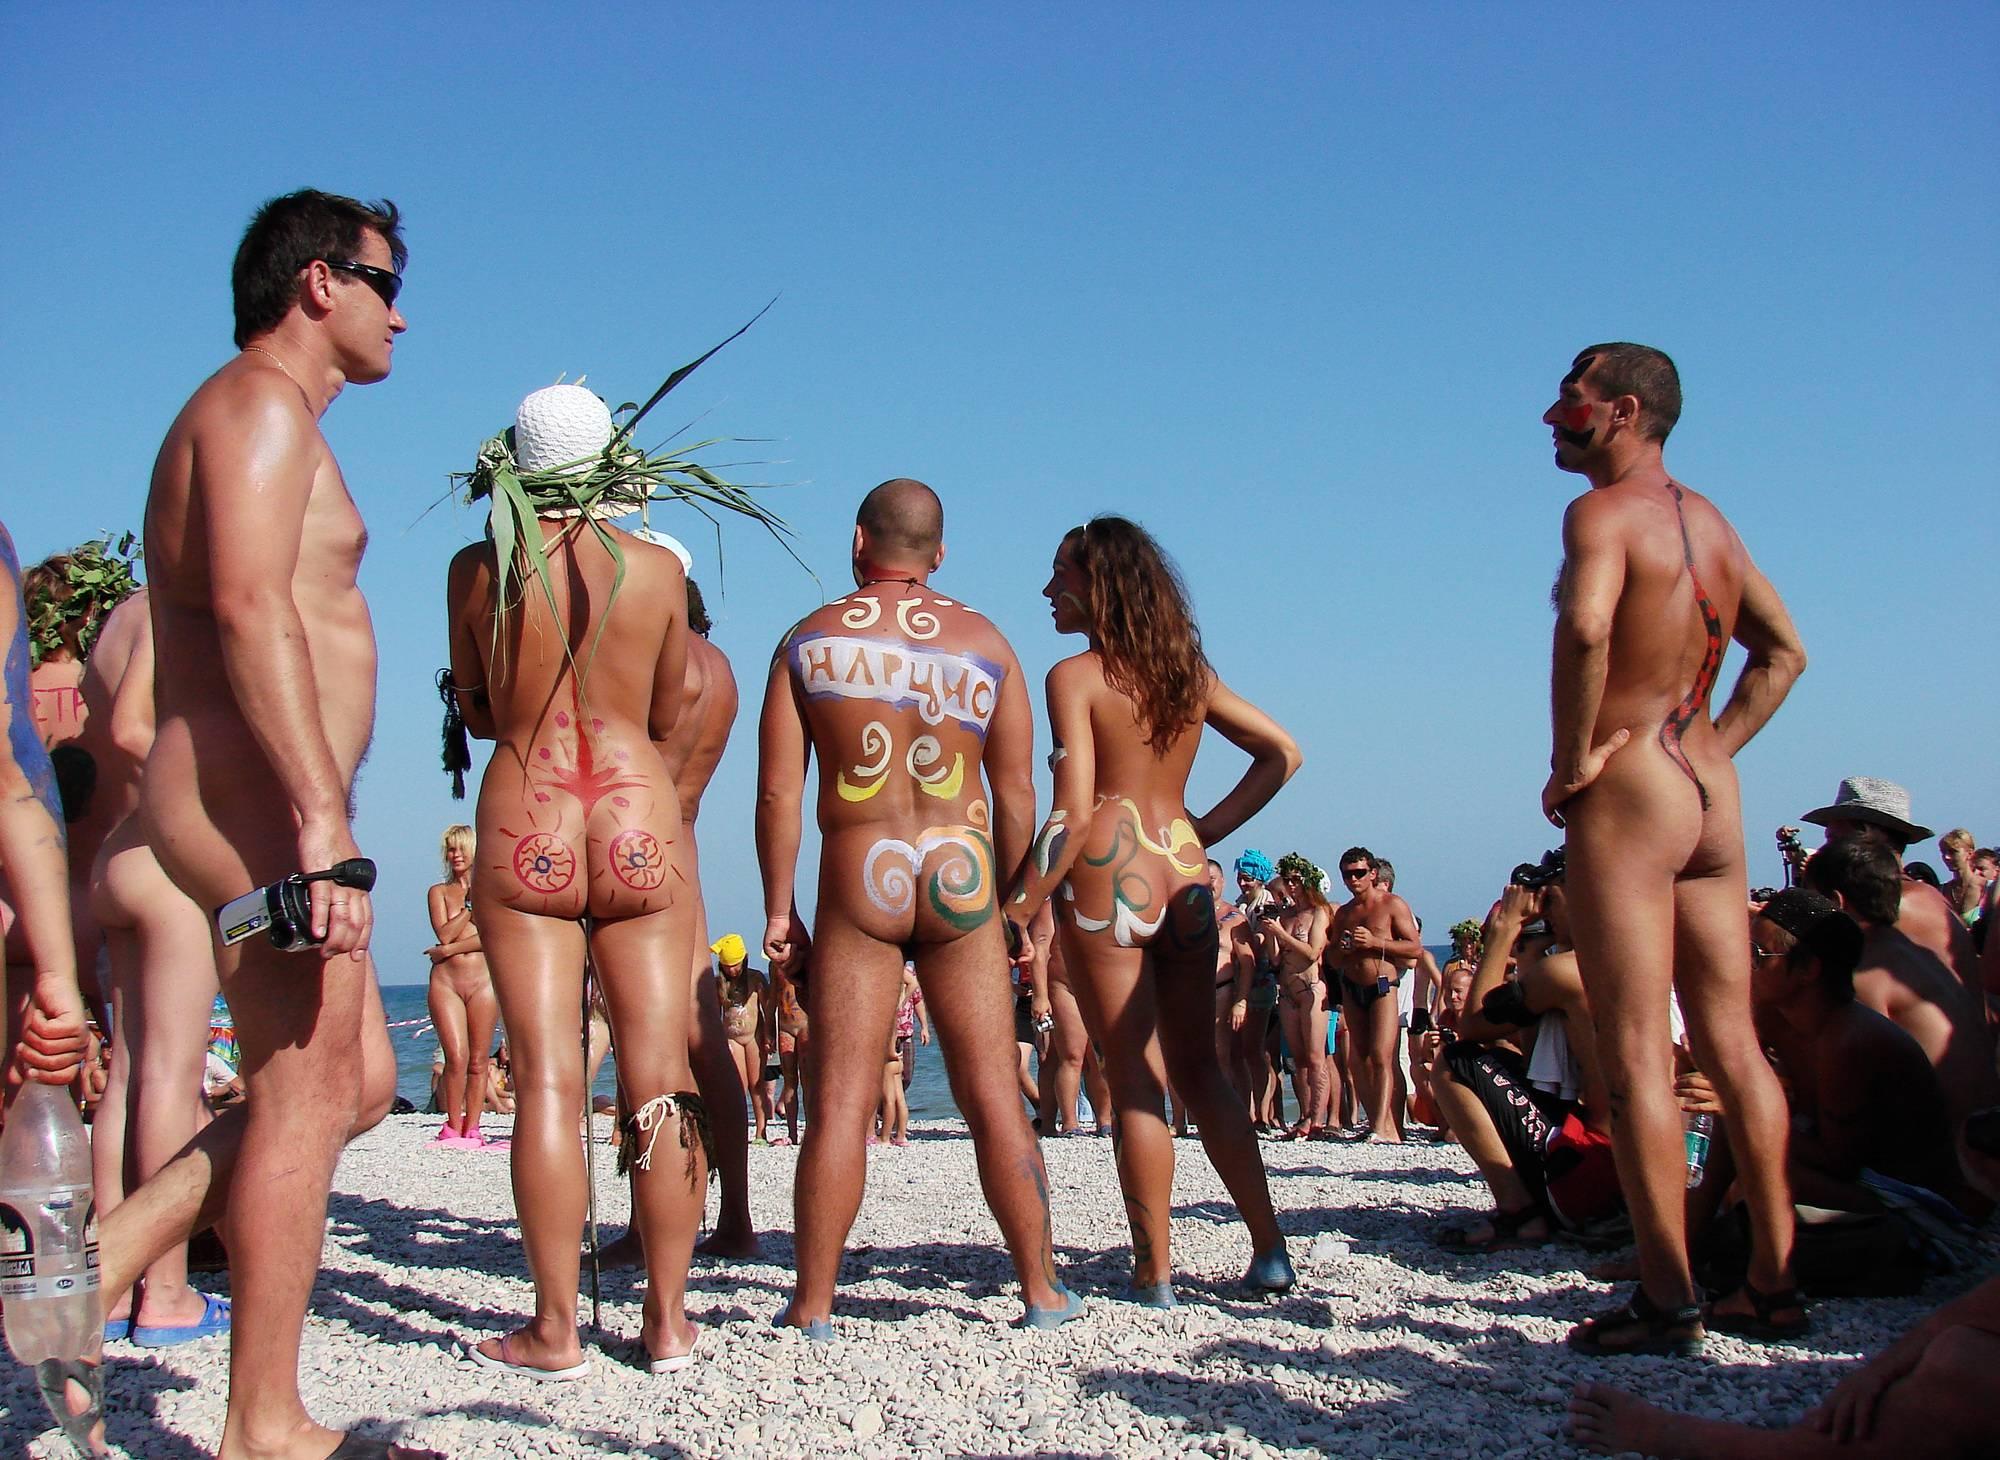 Pure Nudism Photos-Neptune Day Beach Views - 3